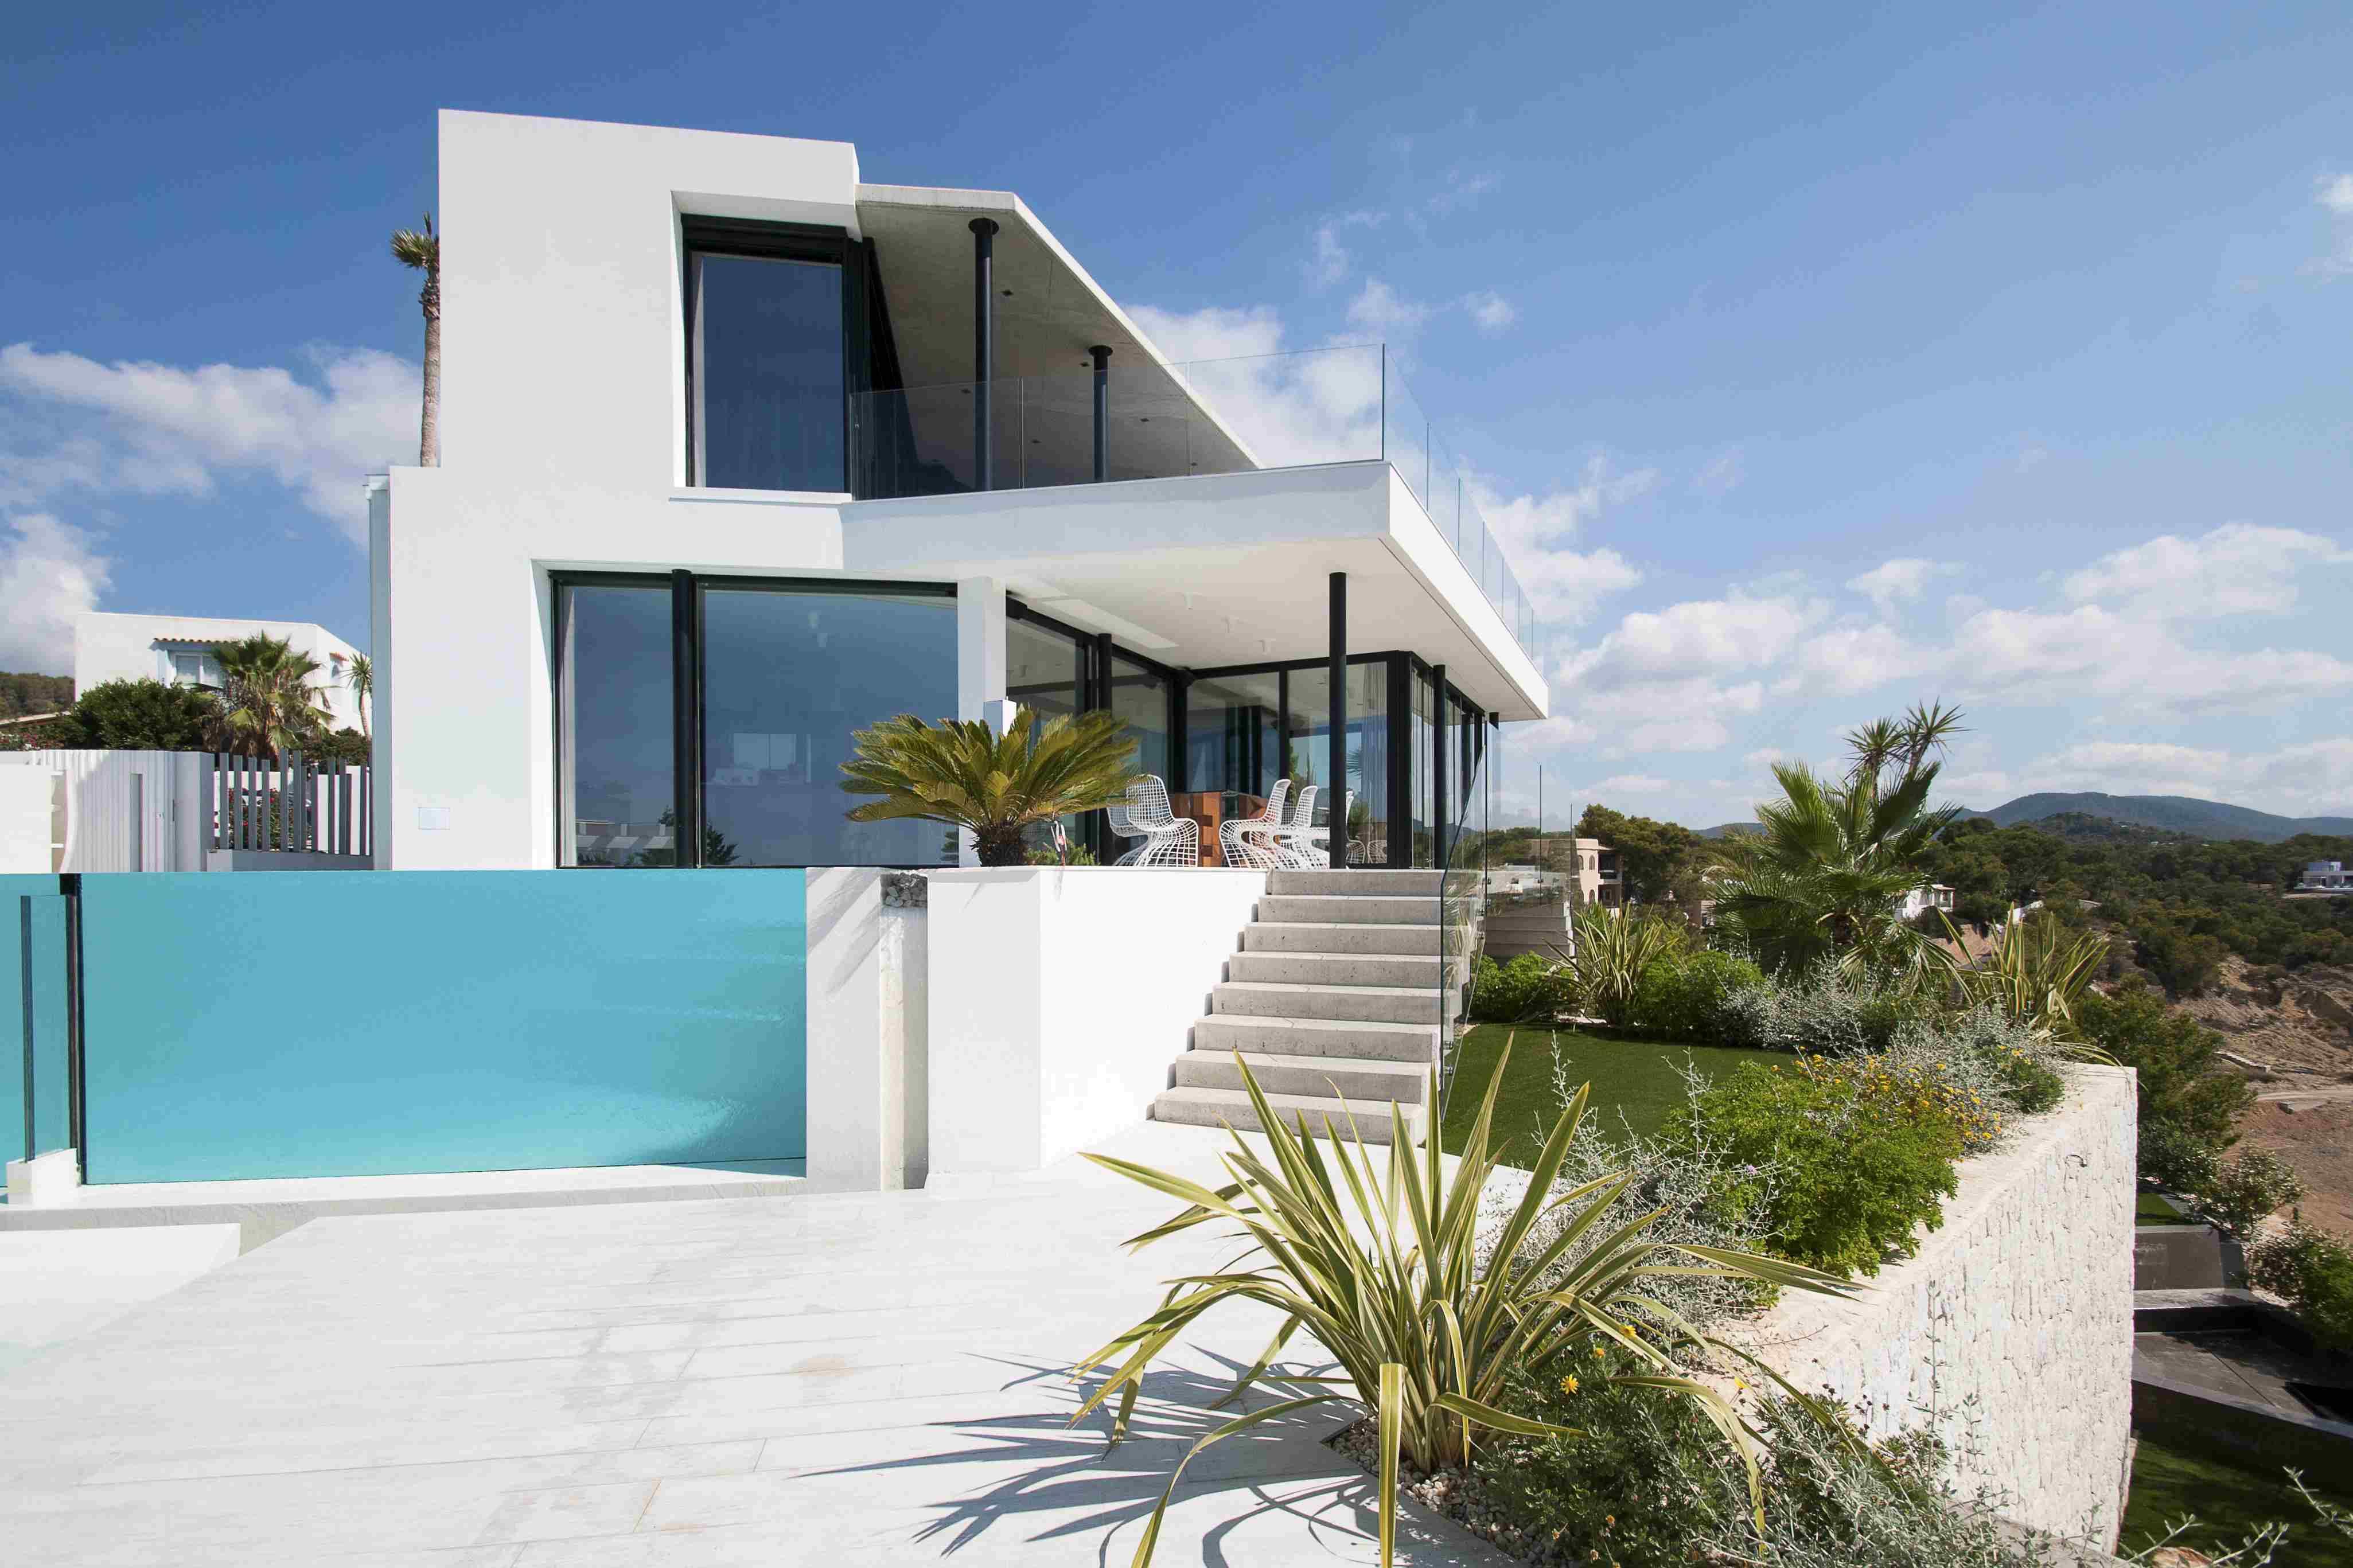 Belle villa a canastel partir de 12000000dollar 120m - Belle maison valencia tucson fratantoni design ...